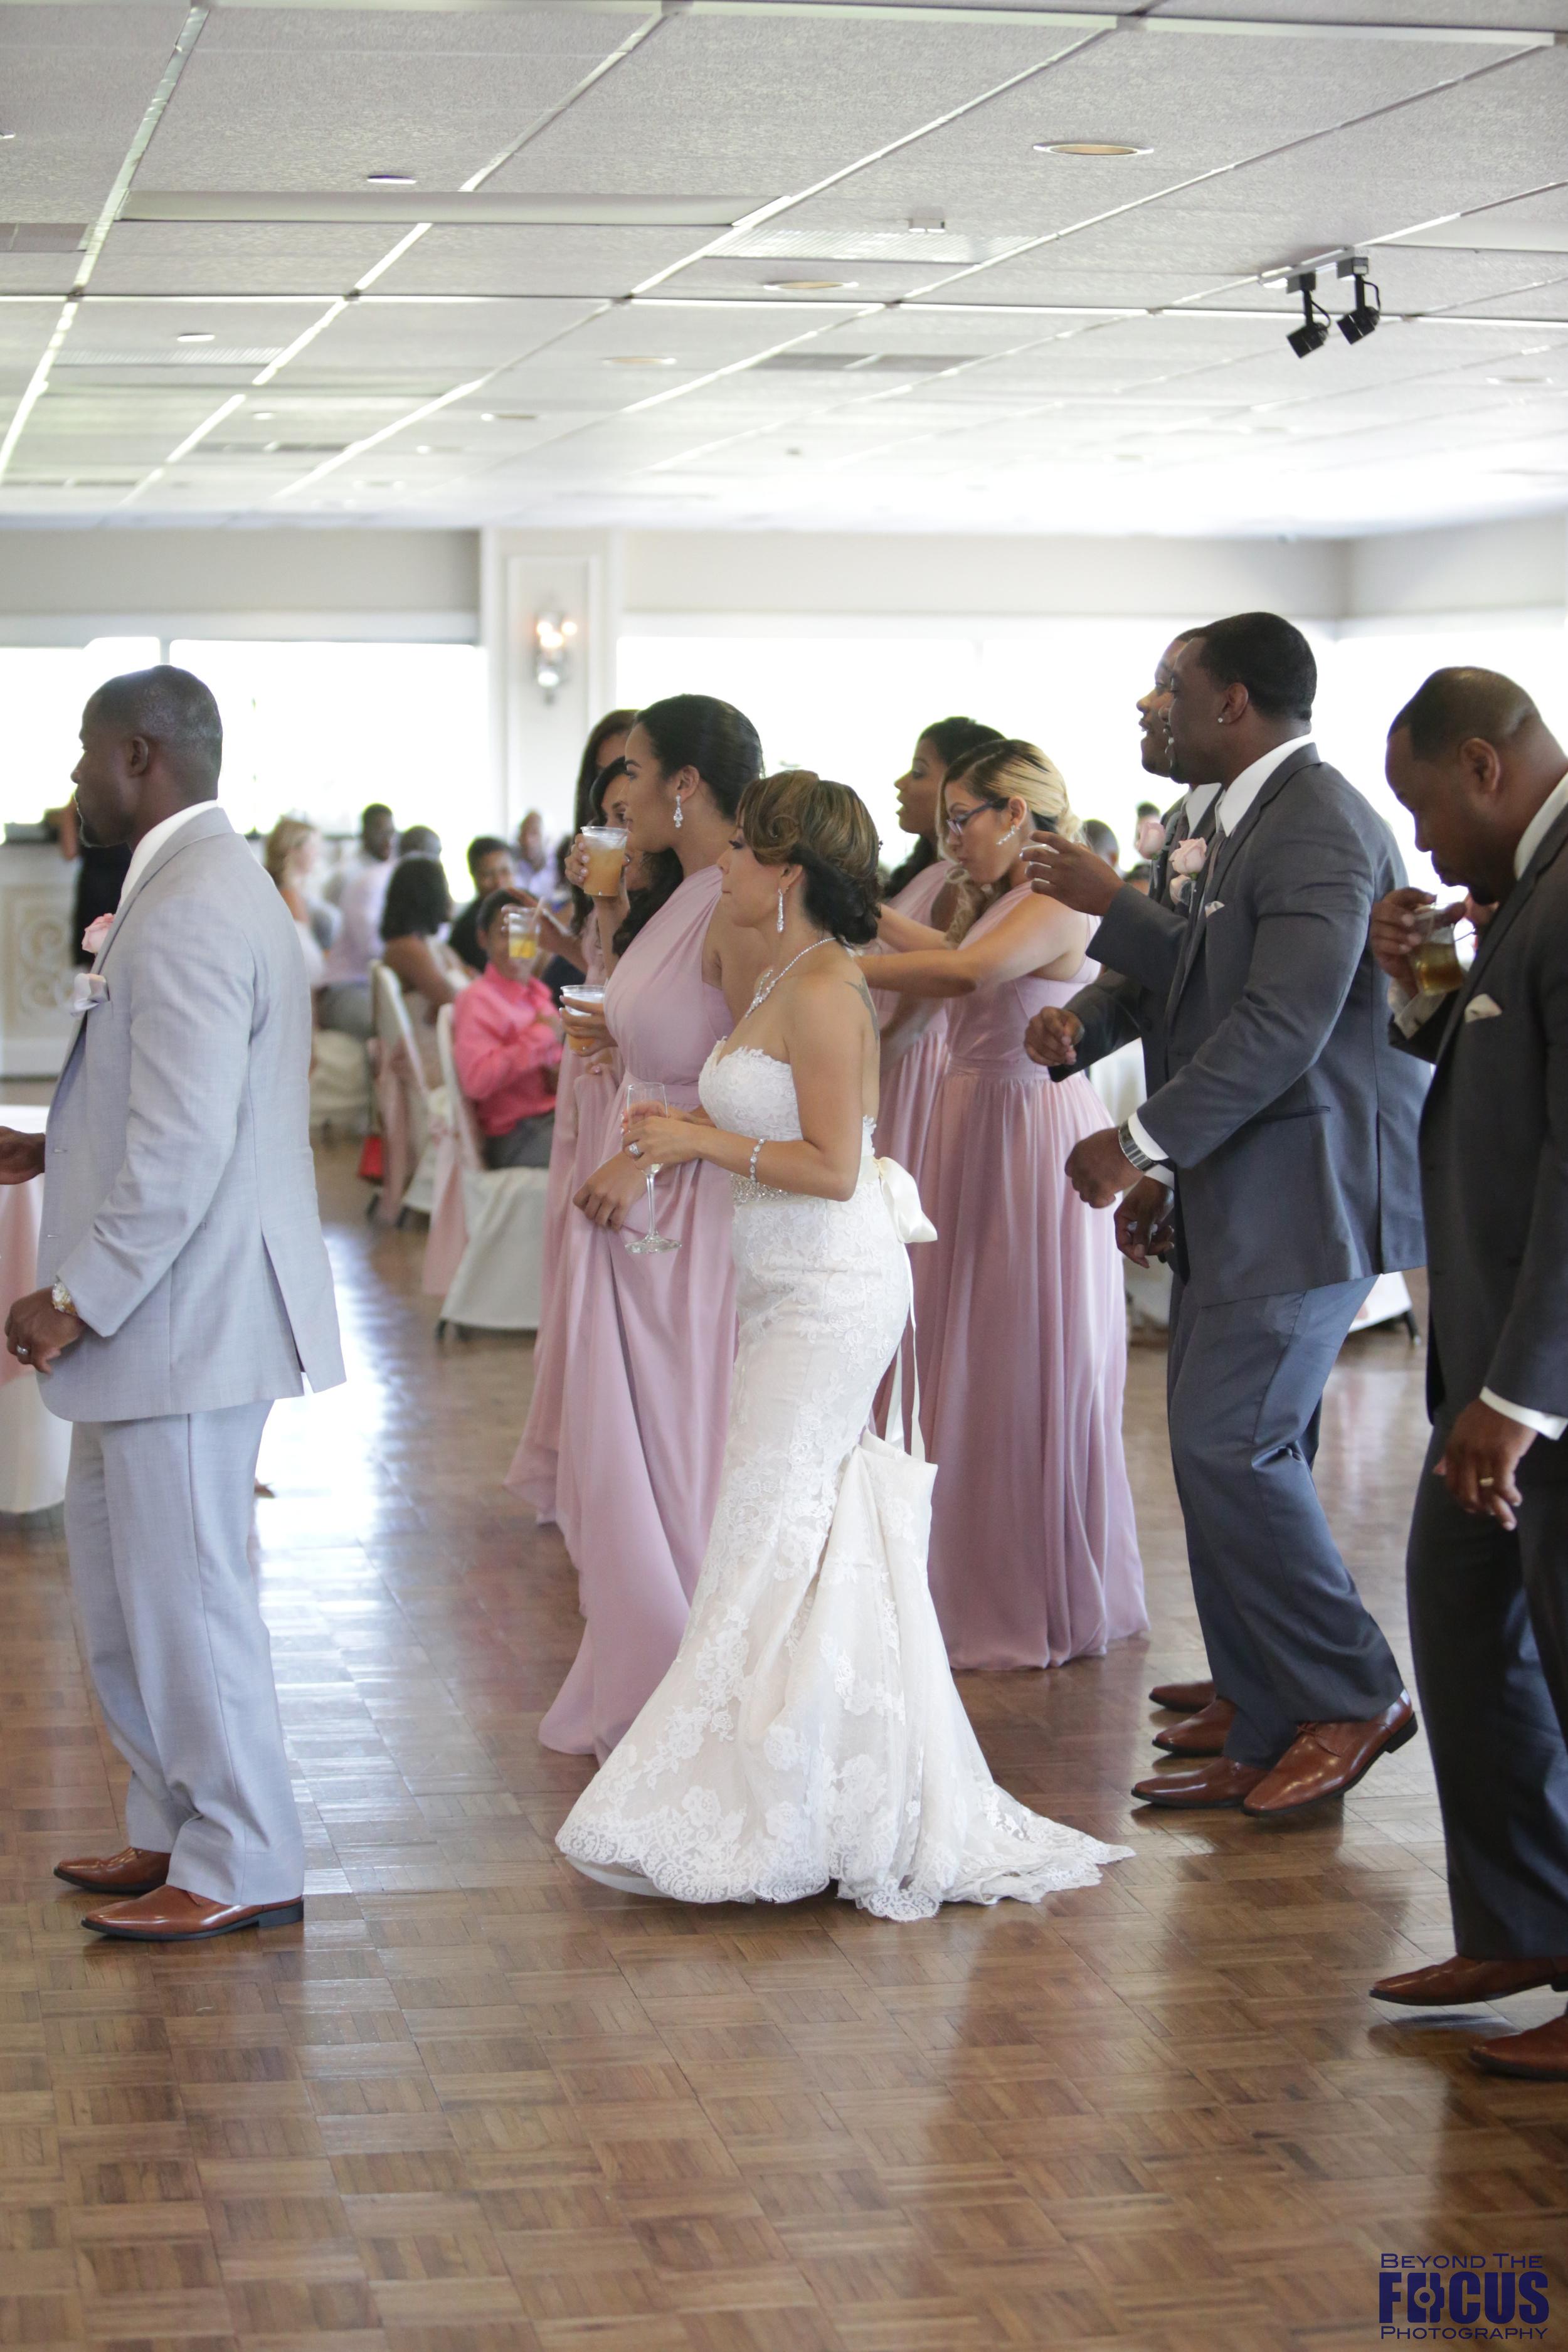 Palmer Wedding - Reception 21.jpg